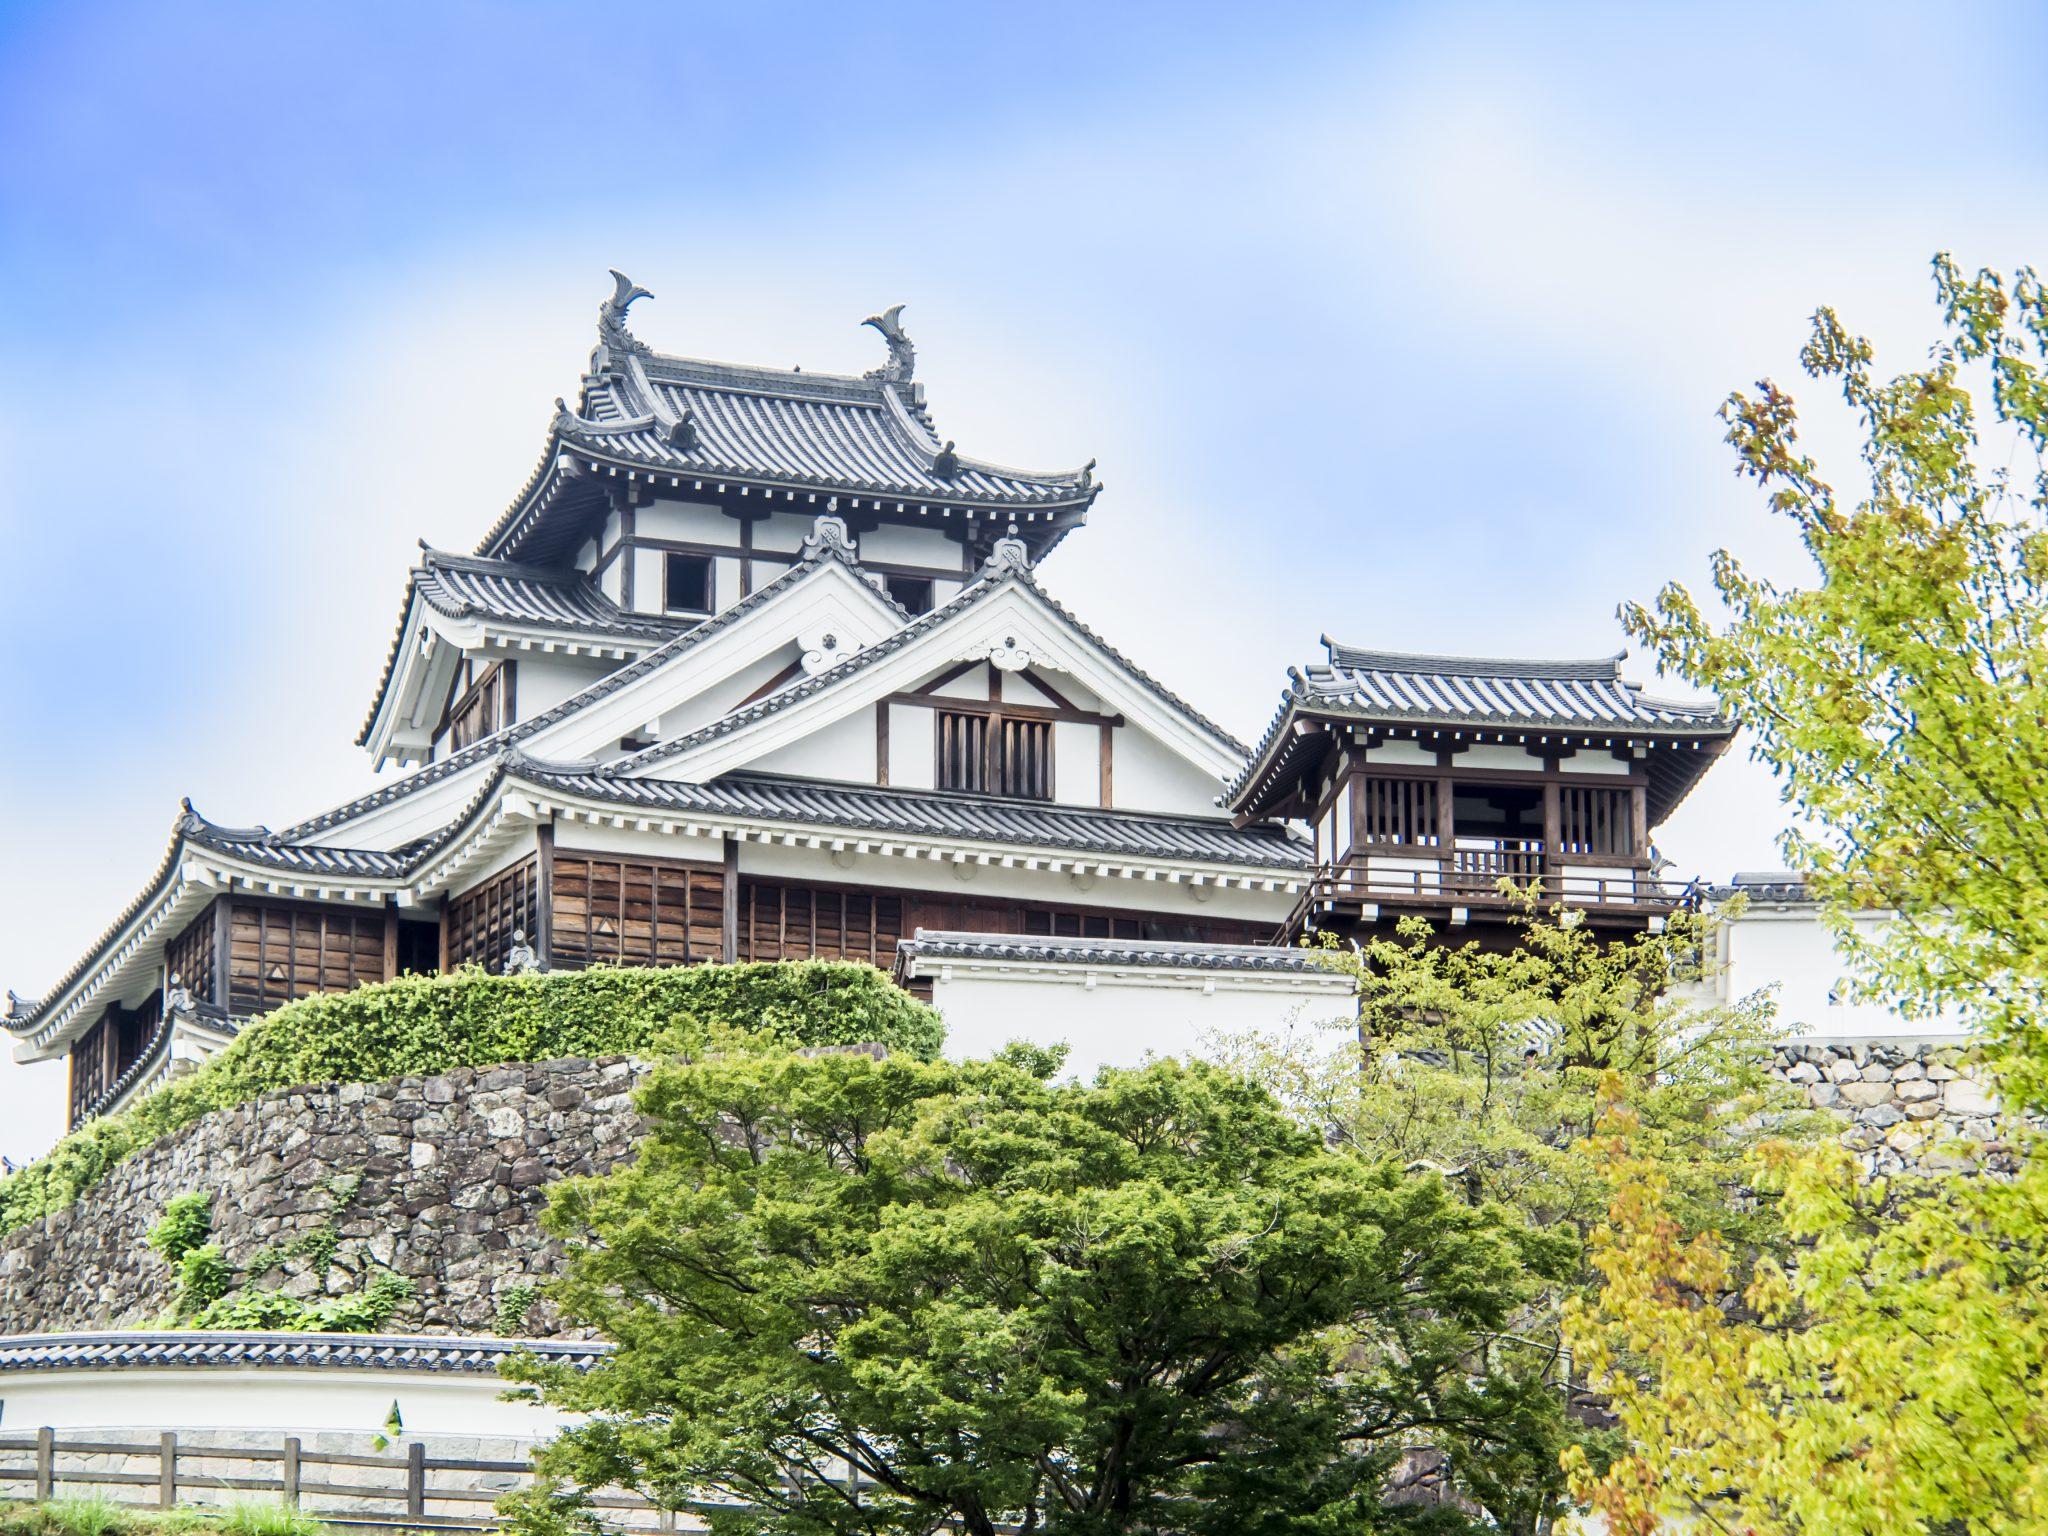 福知山発!伝統文化をめぐる日帰りドライブ